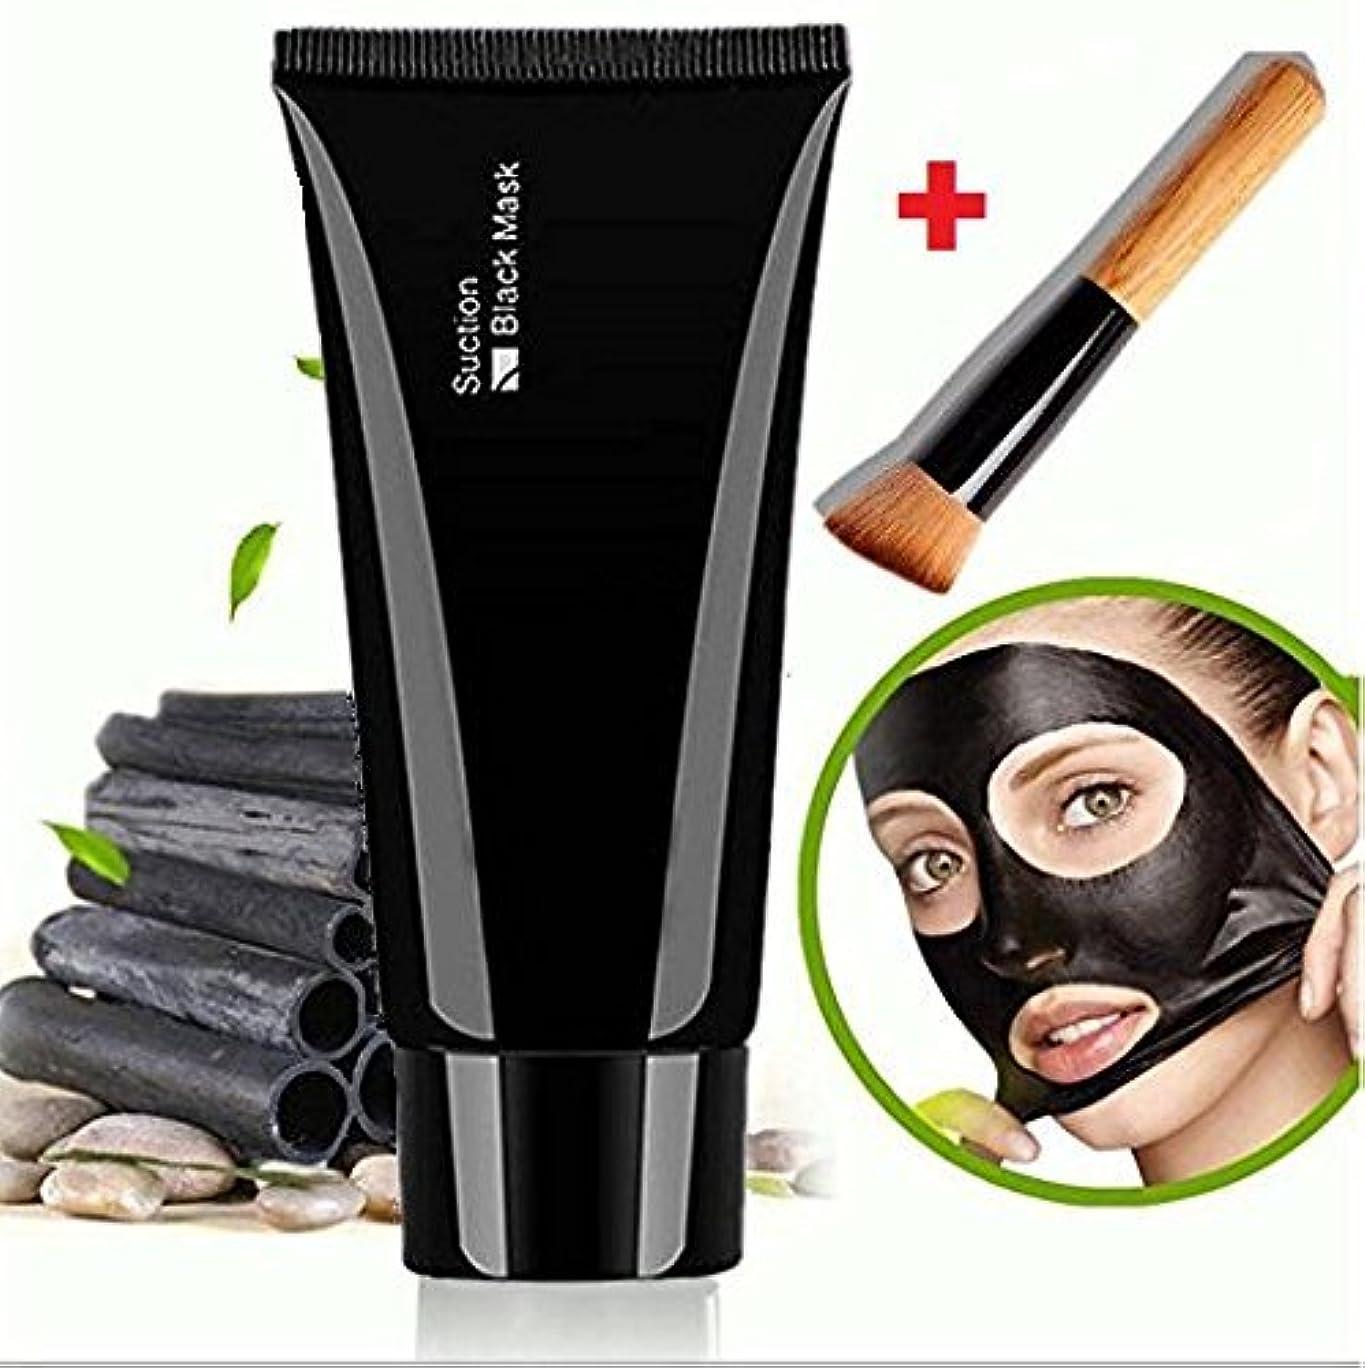 一月証言するリップFacial Mask Black, Face Apeel Cleansing Mask Deep Cleanser Blackhead Acne Remover Peel off Mask + Wooden Brush